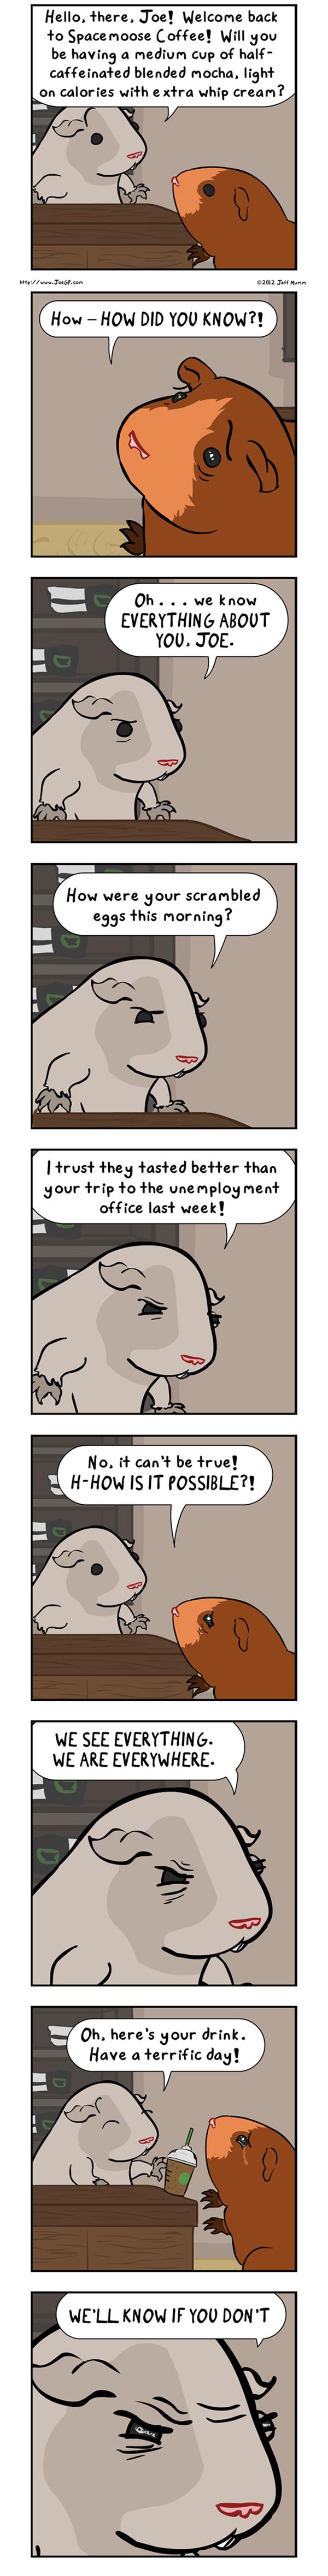 Keeping Tabs